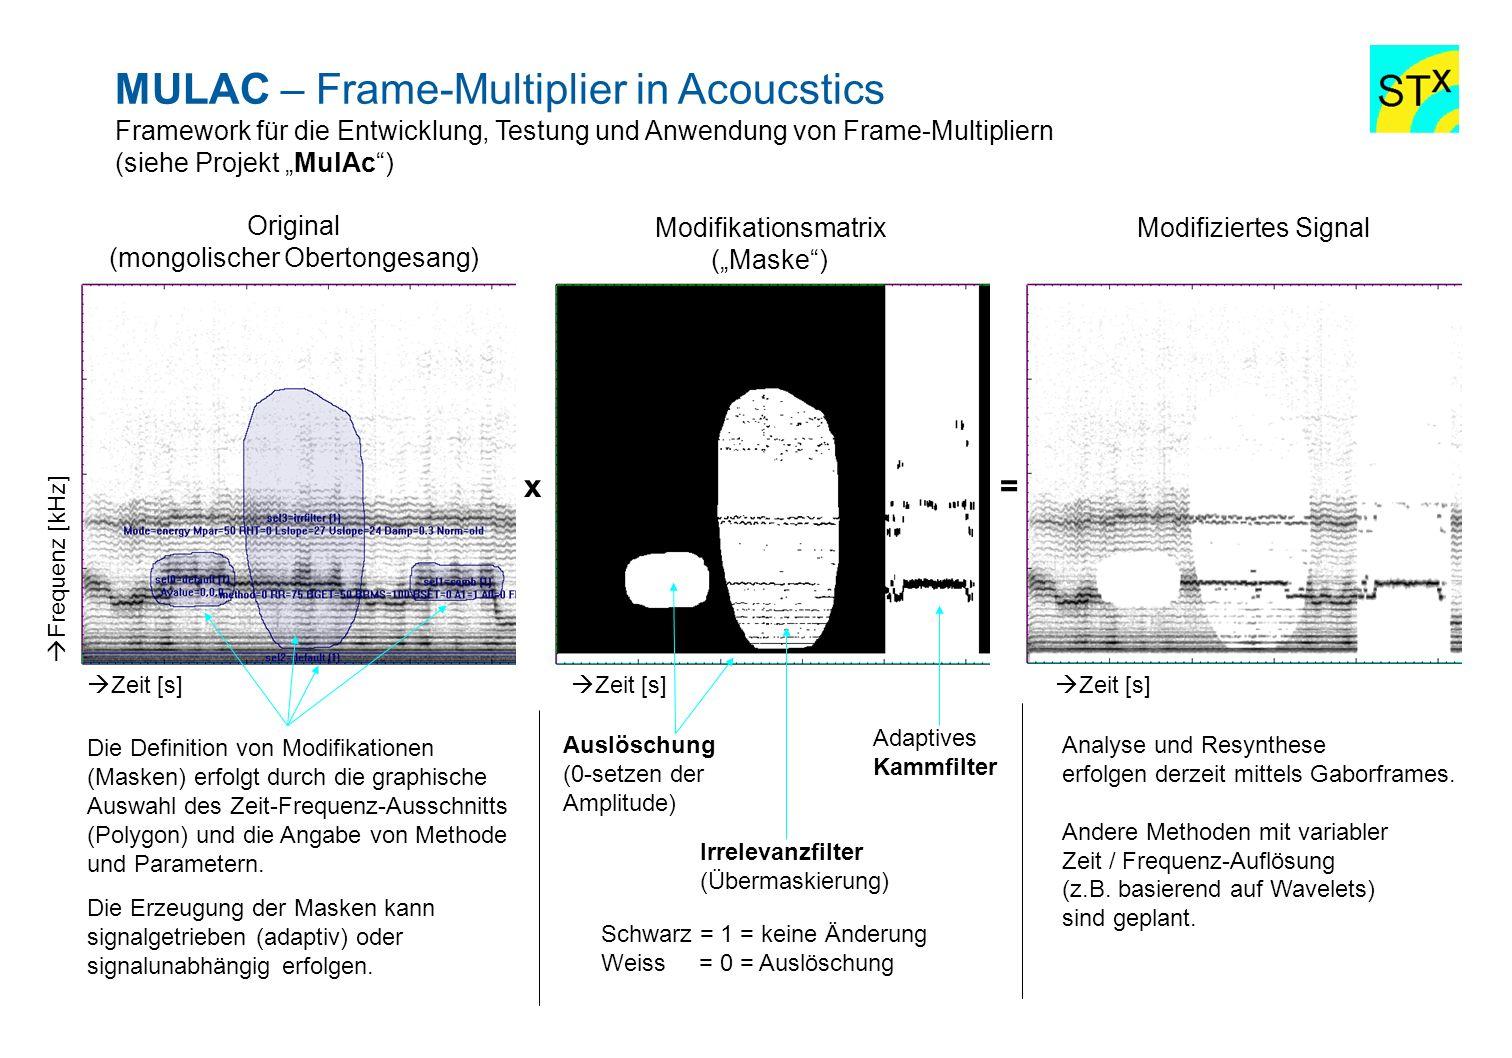 MULAC – Frame-Multiplier in Acoucstics Framework für die Entwicklung, Testung und Anwendung von Frame-Multipliern (siehe Projekt MulAc) x= Die Definit